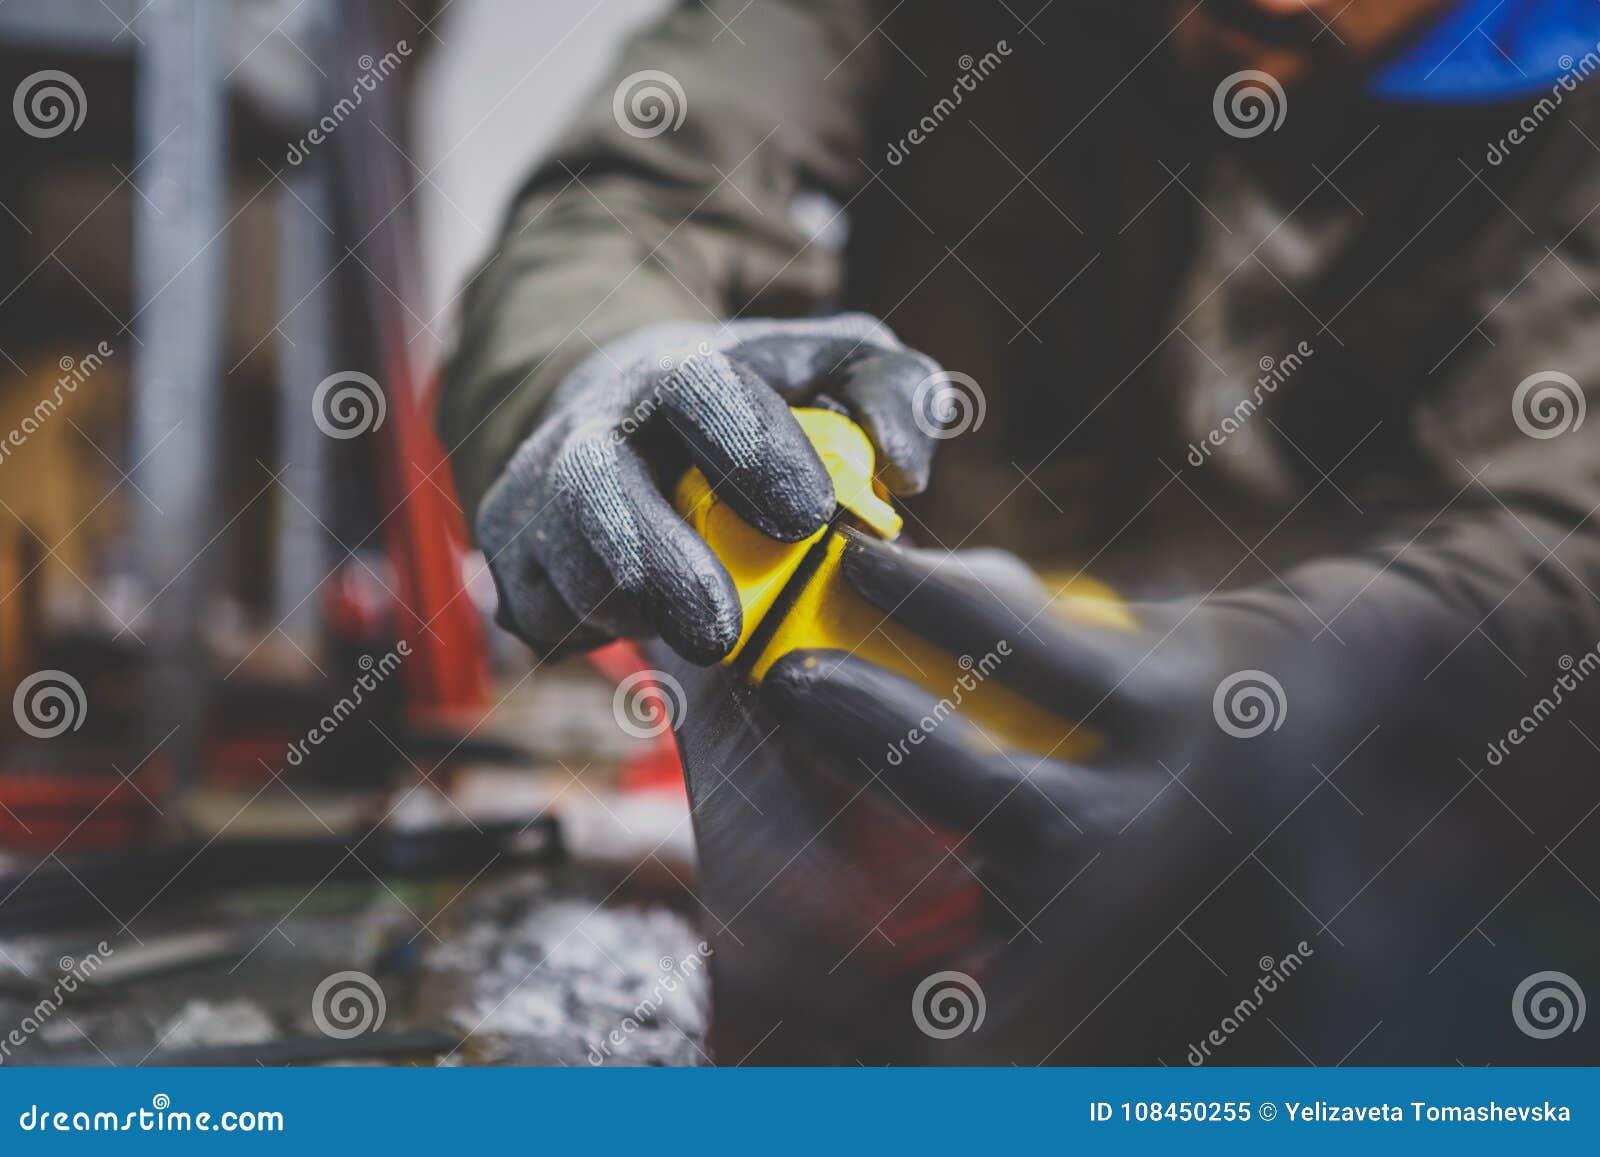 Мужской работник ремонтируя камень, край точить в мастерской обслуживания лыжи, сползая поверхности лыж точить выпушки mo